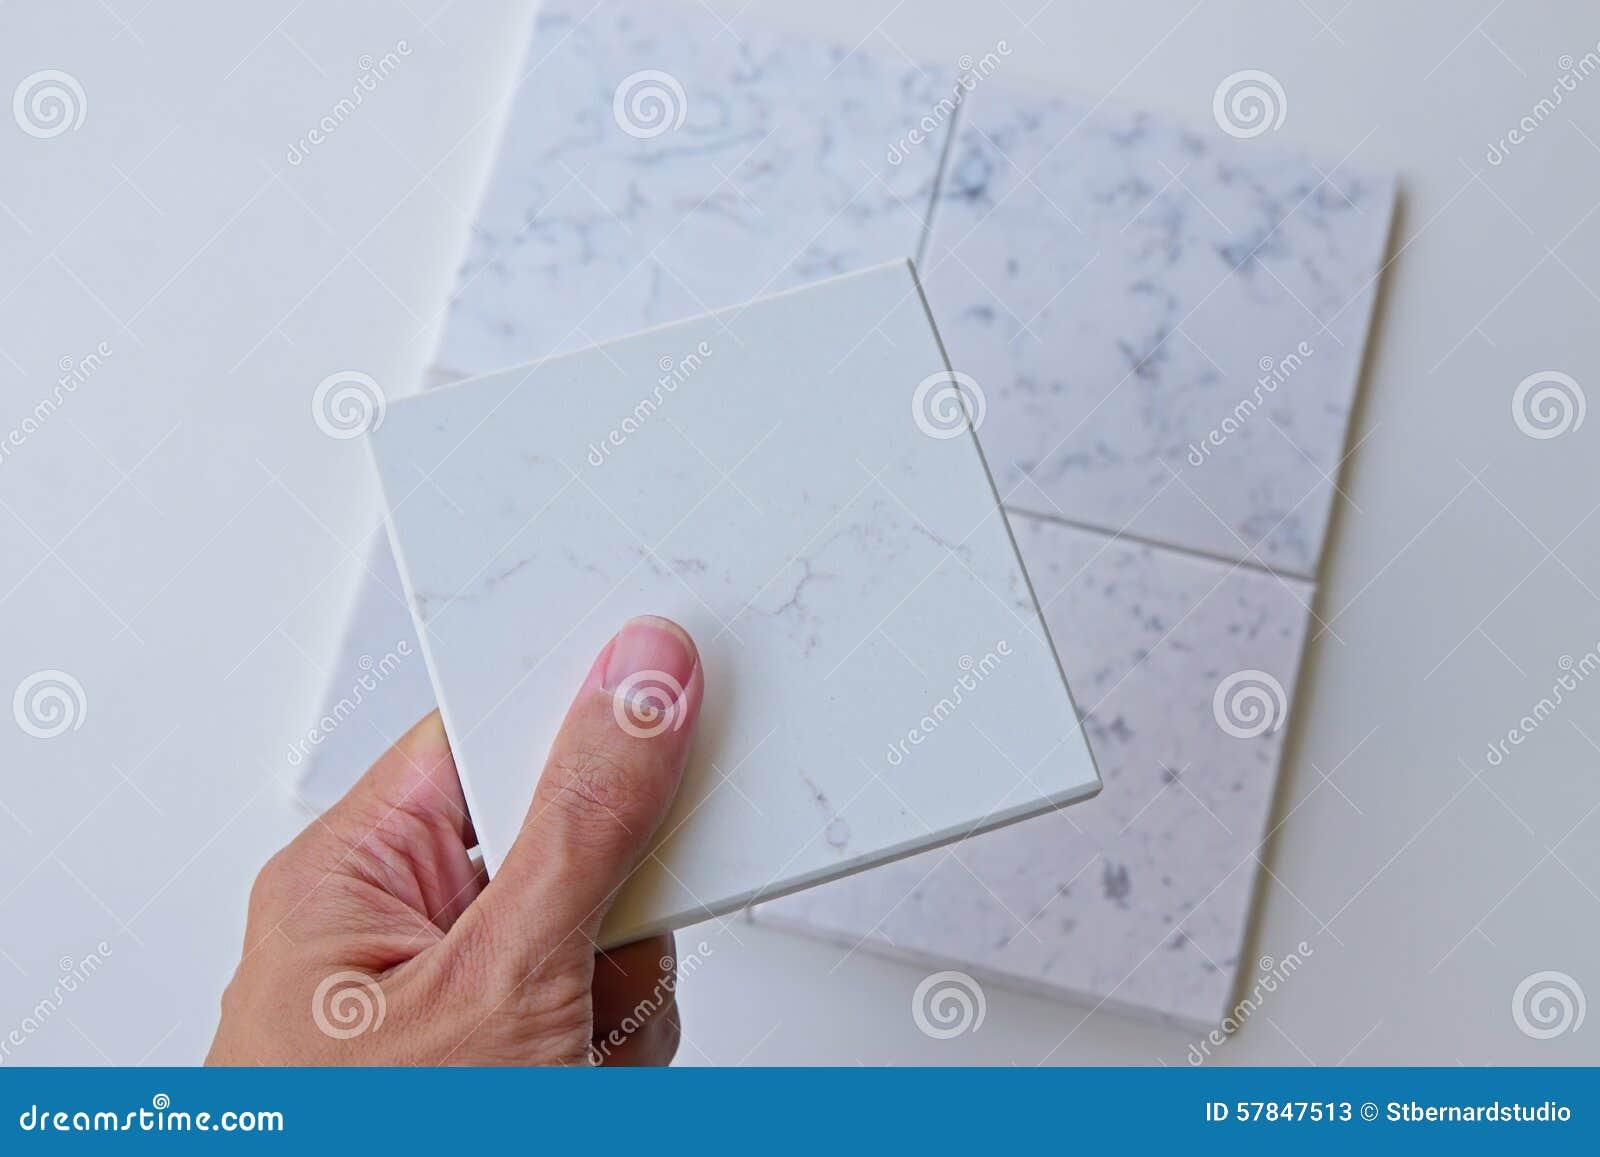 Het selecteren van een steenontwerp voor het ontwerp van de huisvernieuwing uit verschillende opties